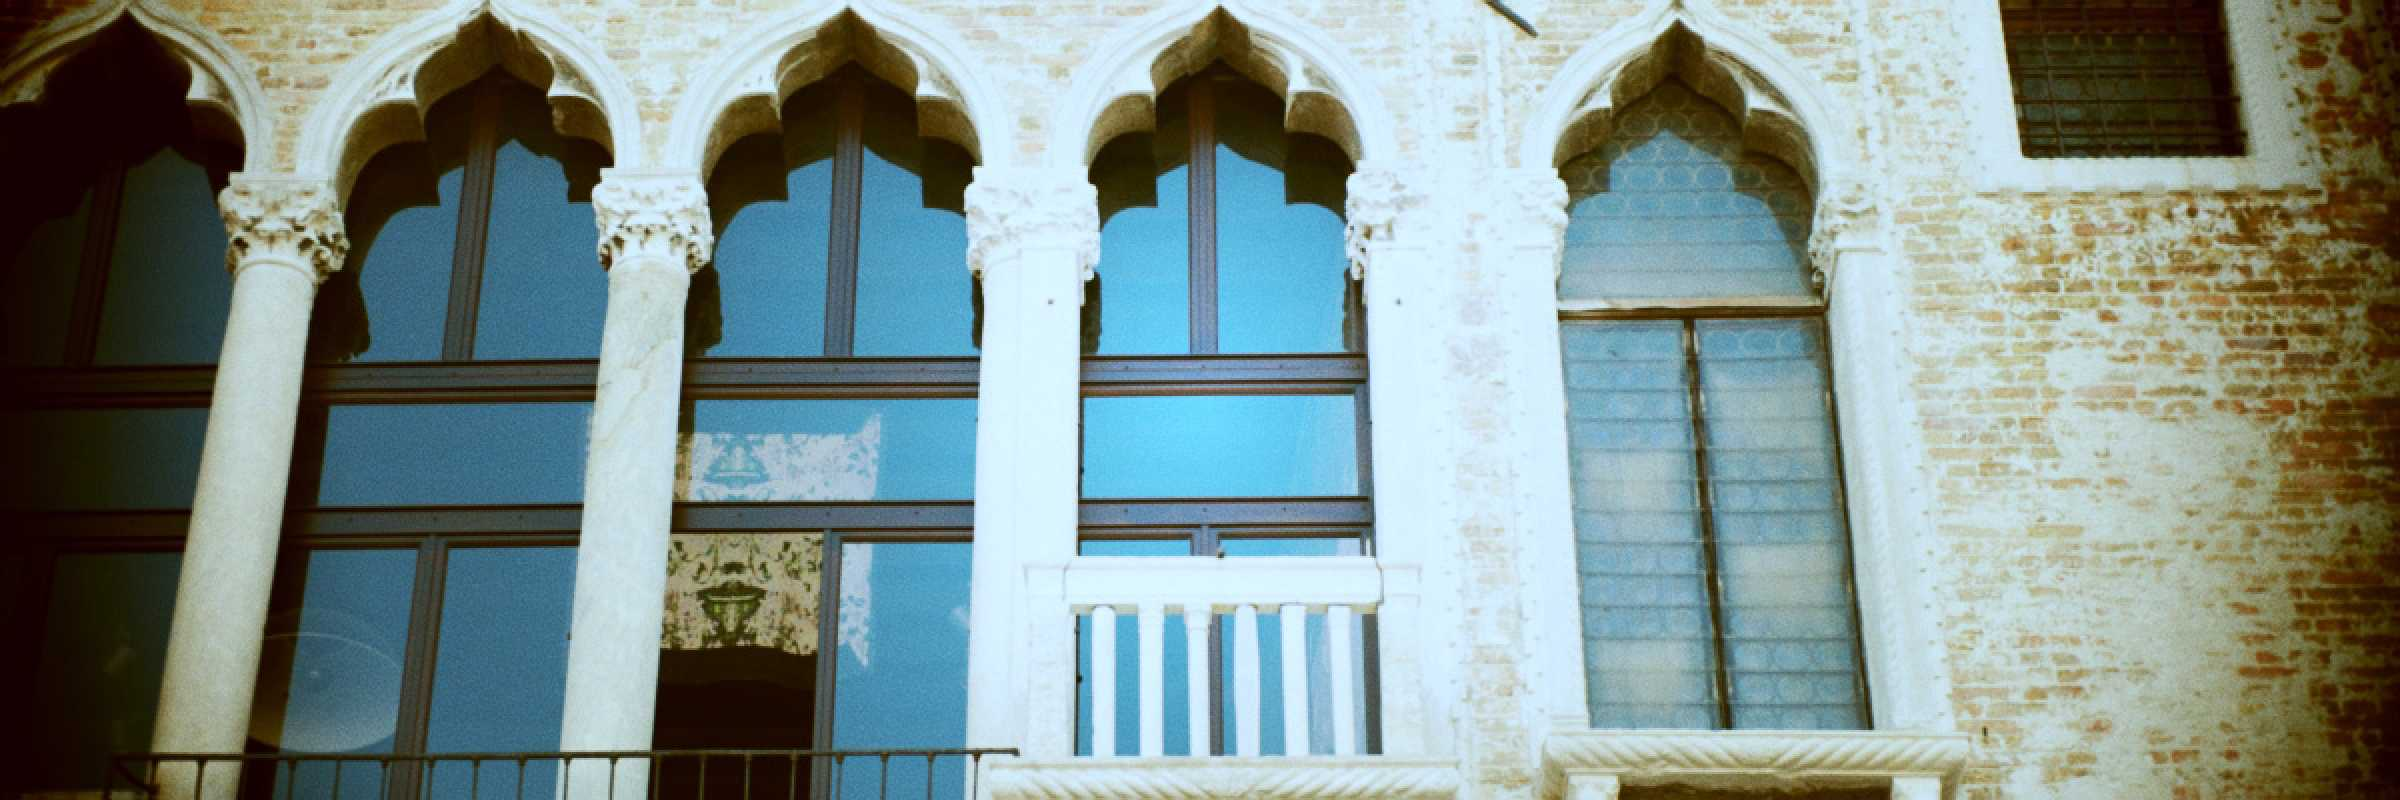 La facciata del Museo.